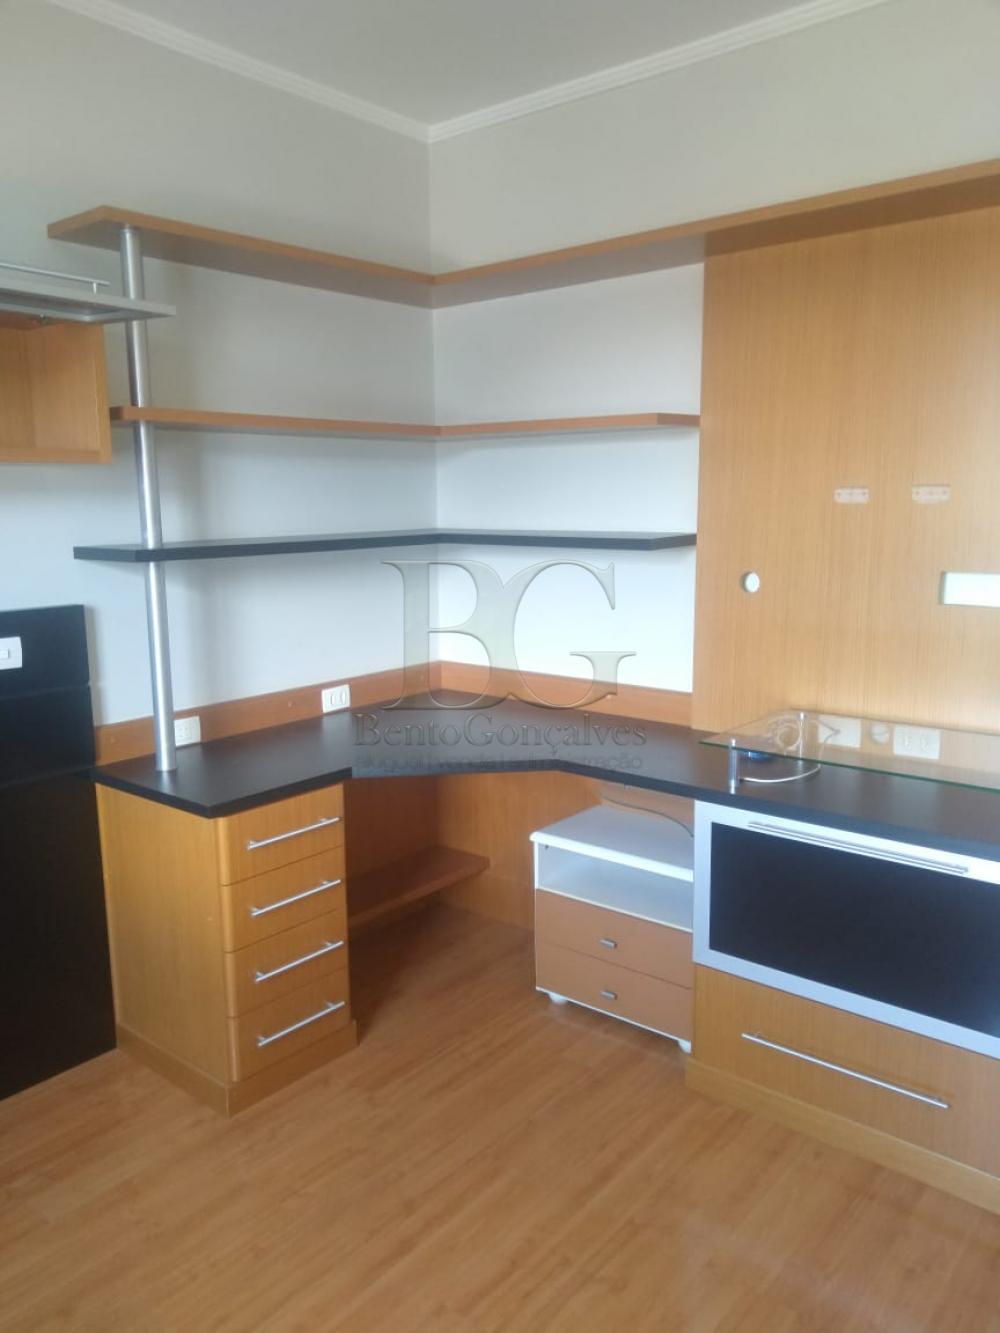 Comprar Casas / Padrão em Poços de Caldas apenas R$ 800.000,00 - Foto 11